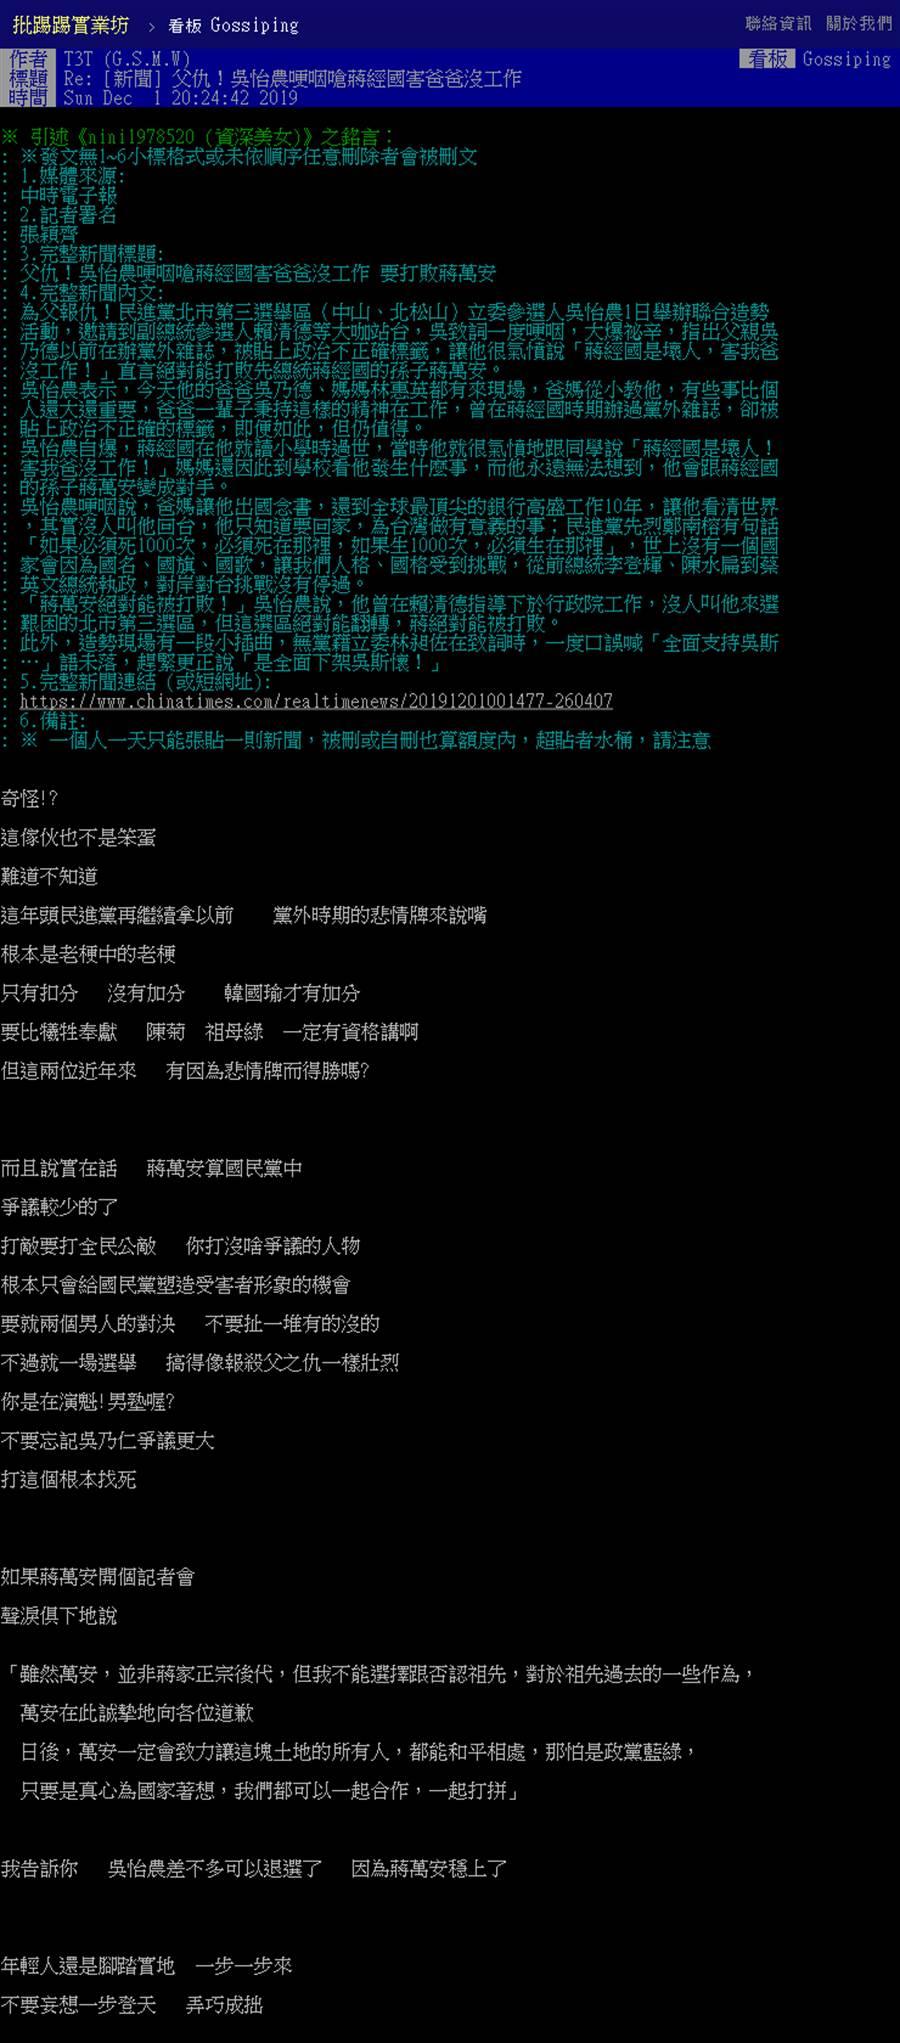 吳怡農批蔣經國,網友在PTT上發長文嘆:他輸了。